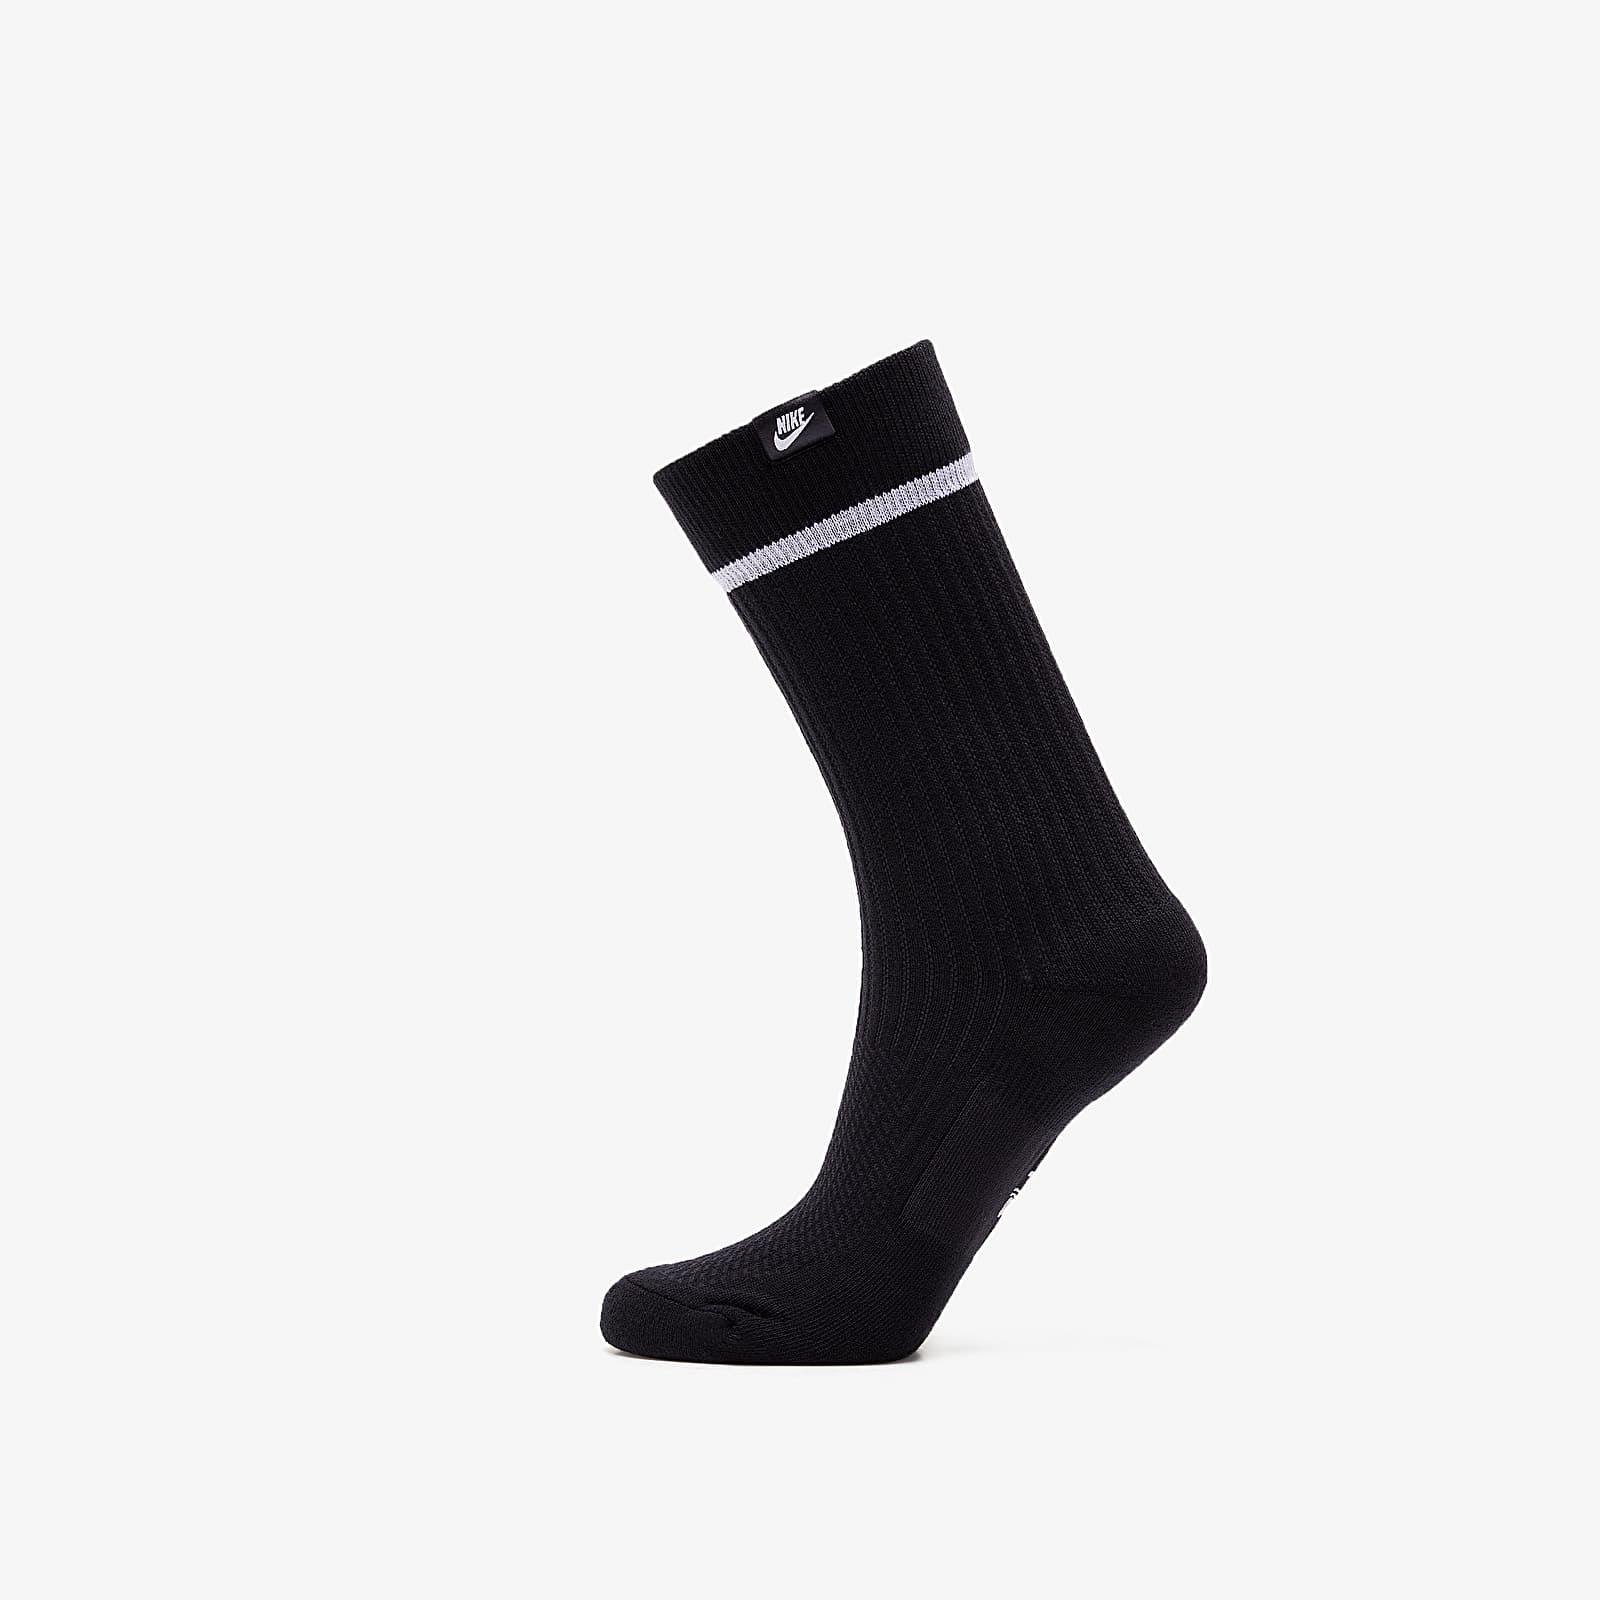 Socken Nike Essential Crew Sneaker Sox Black